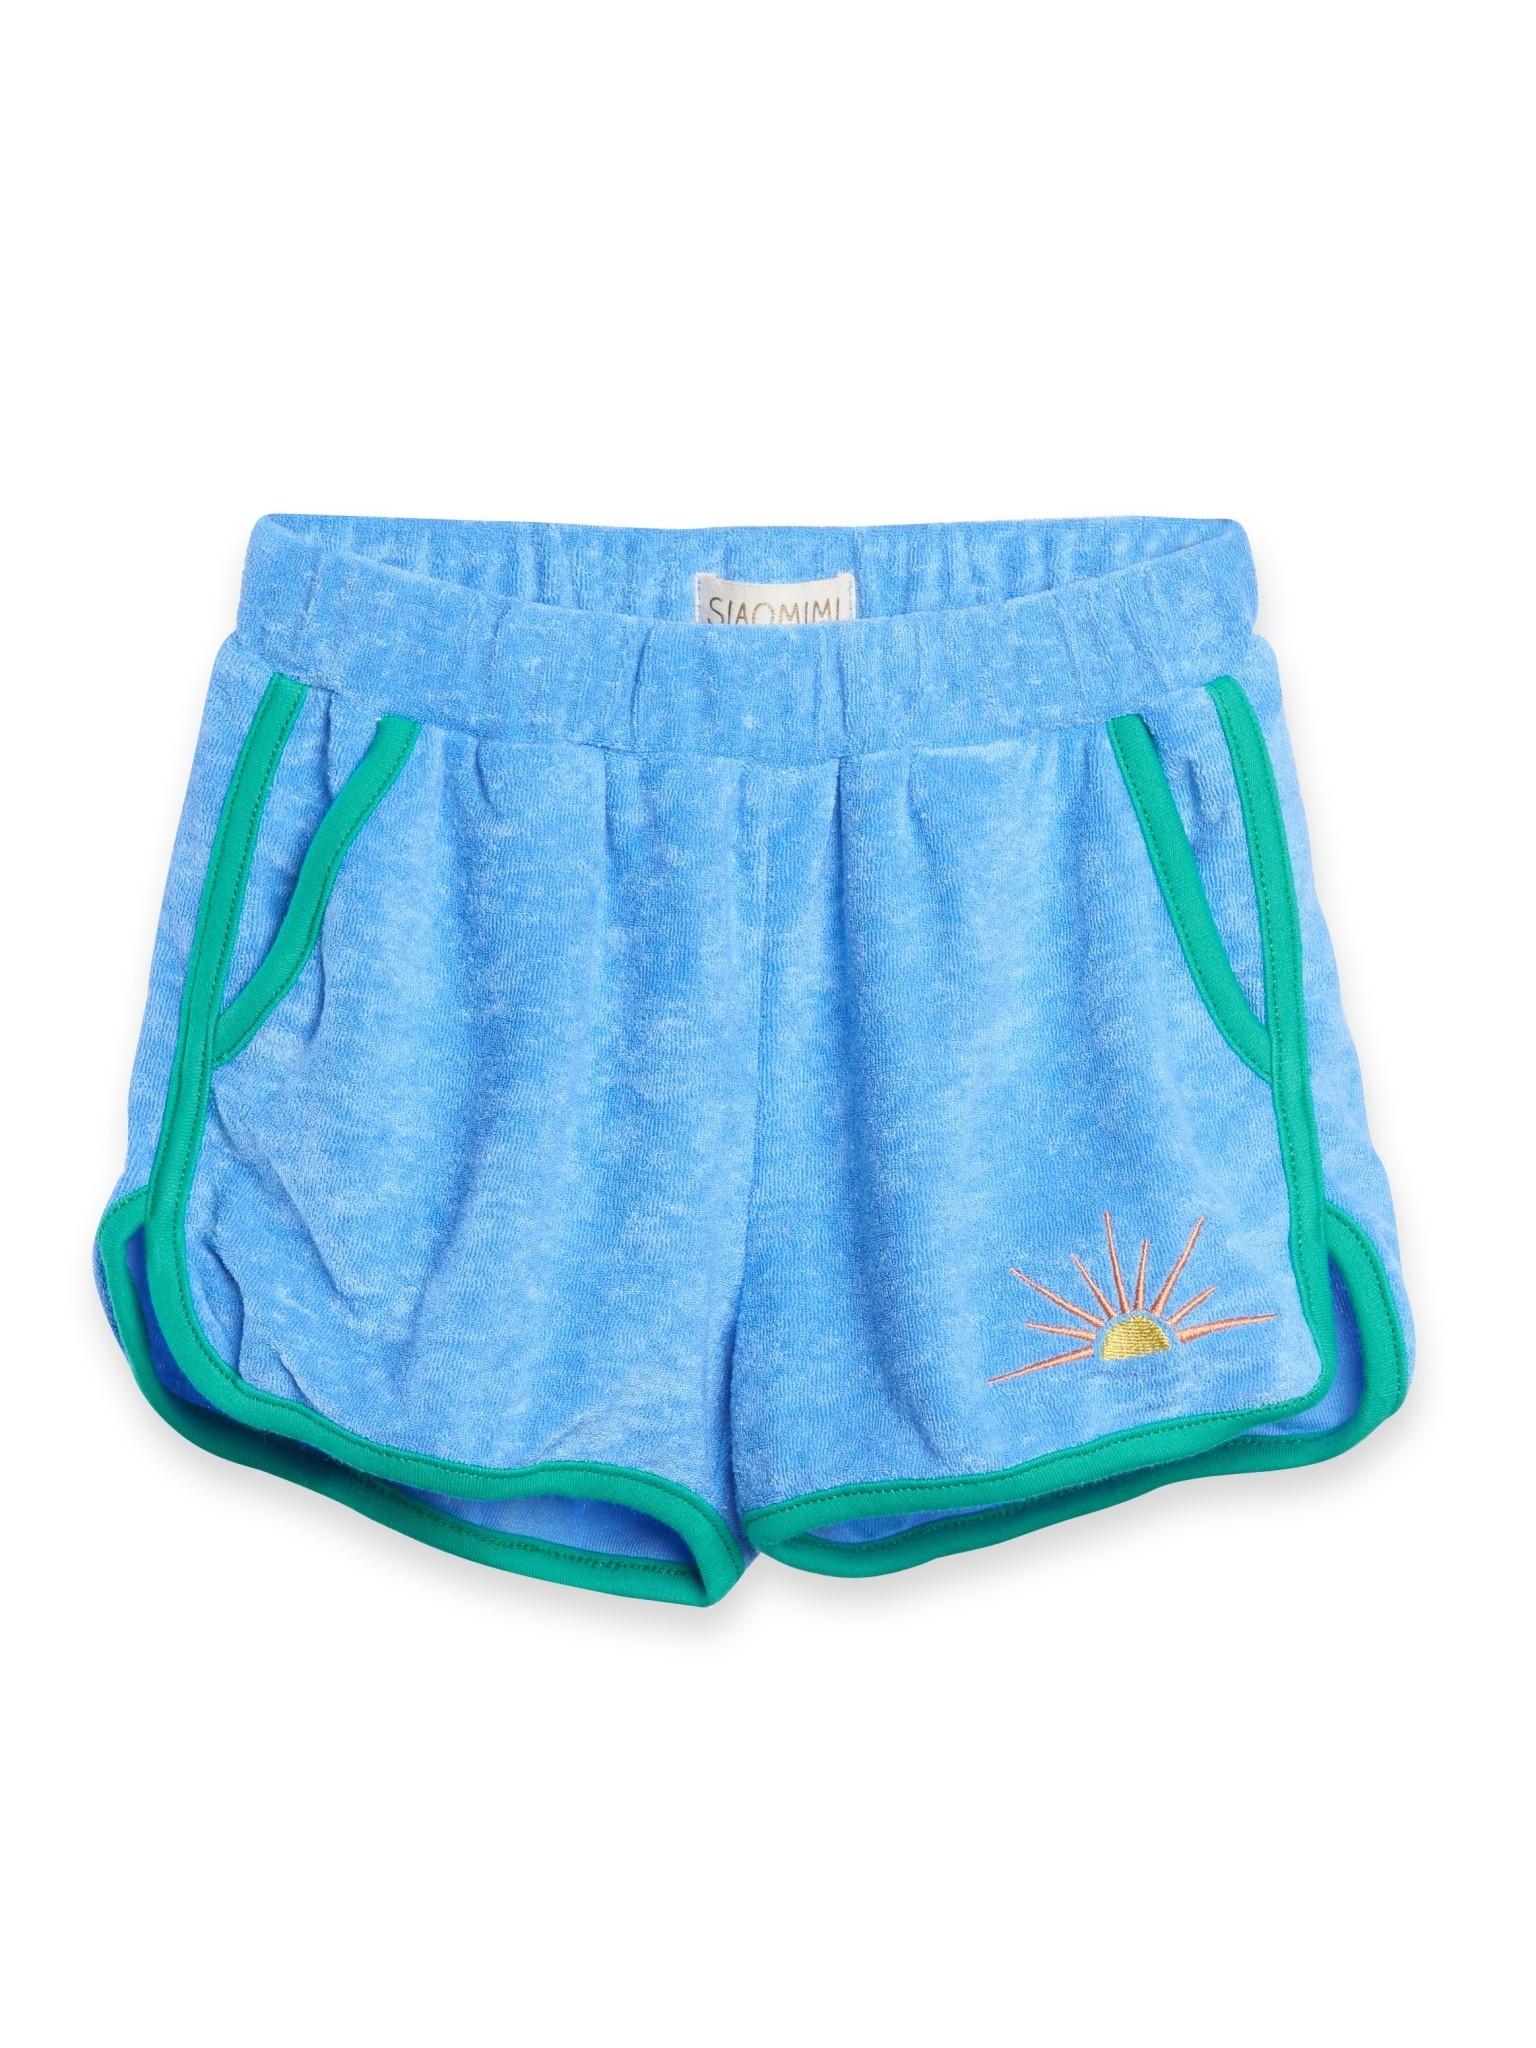 Siaomimi Gym Shorts - Sky